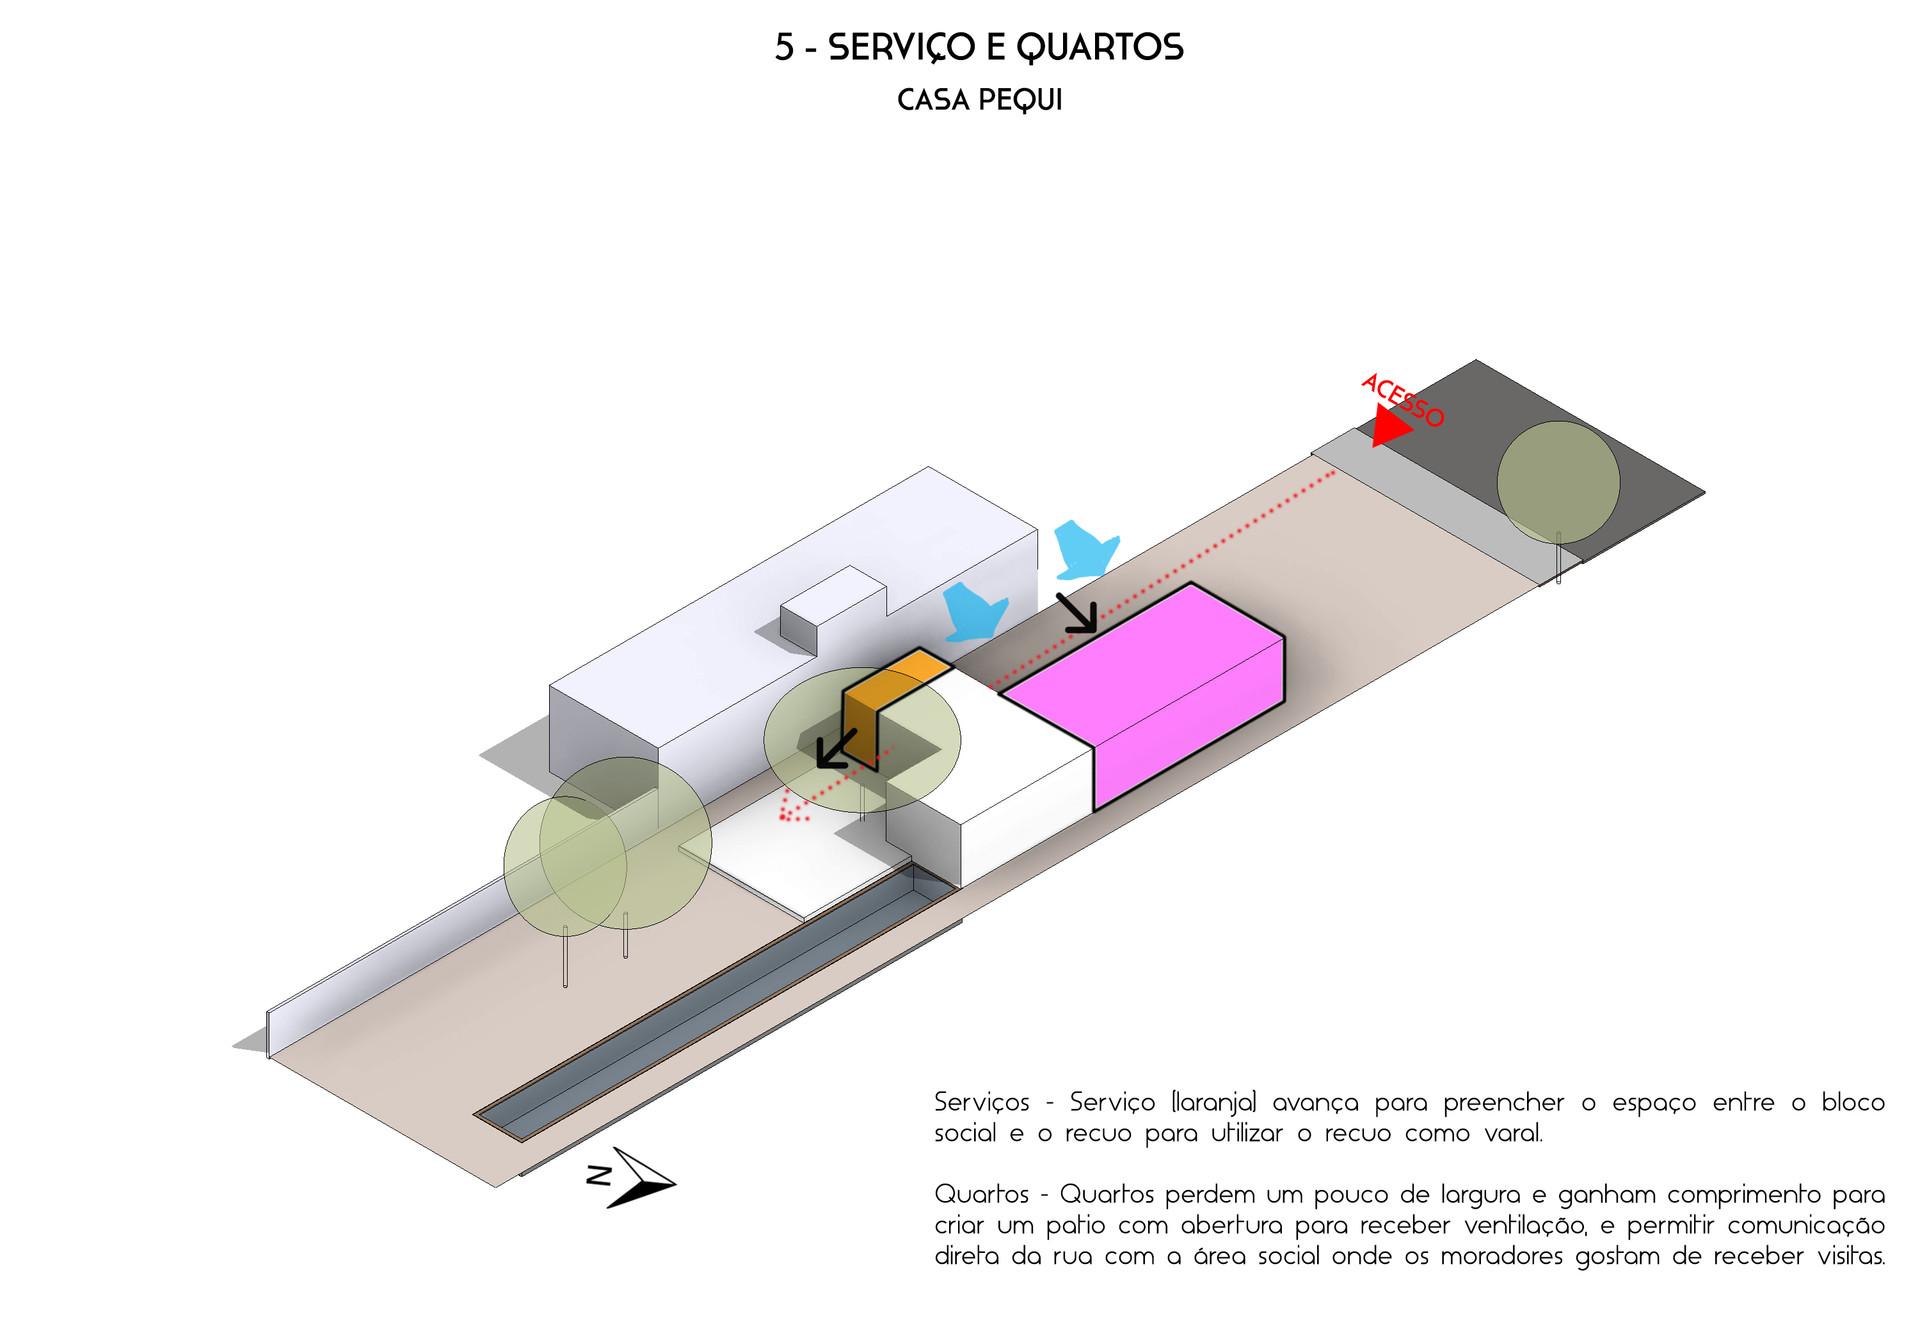 3 - Serviços e quartos